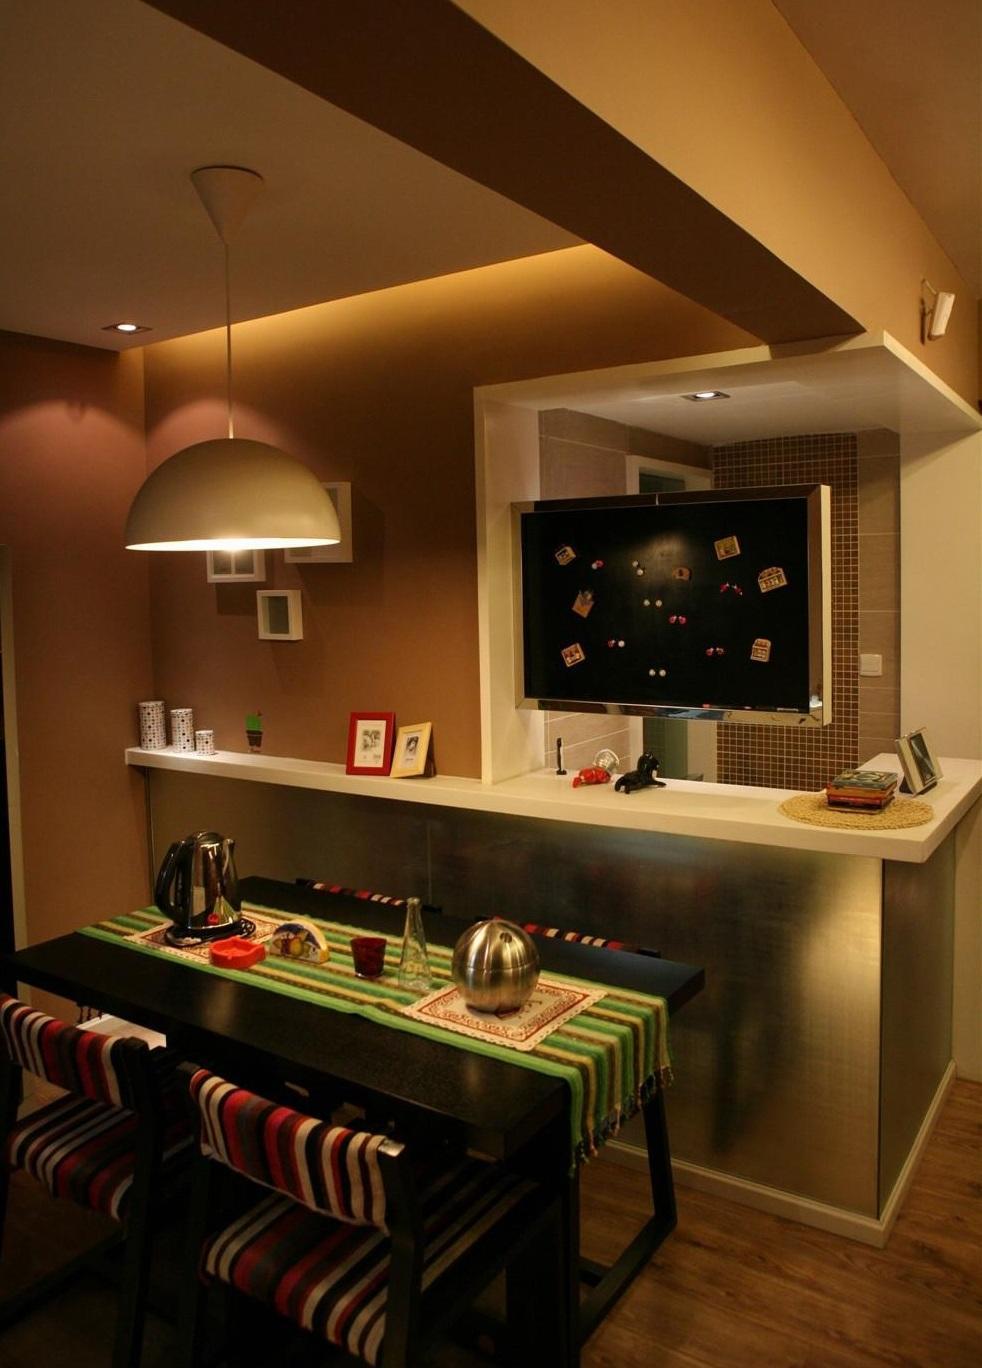 现代简约小户型餐厅吧台效果图